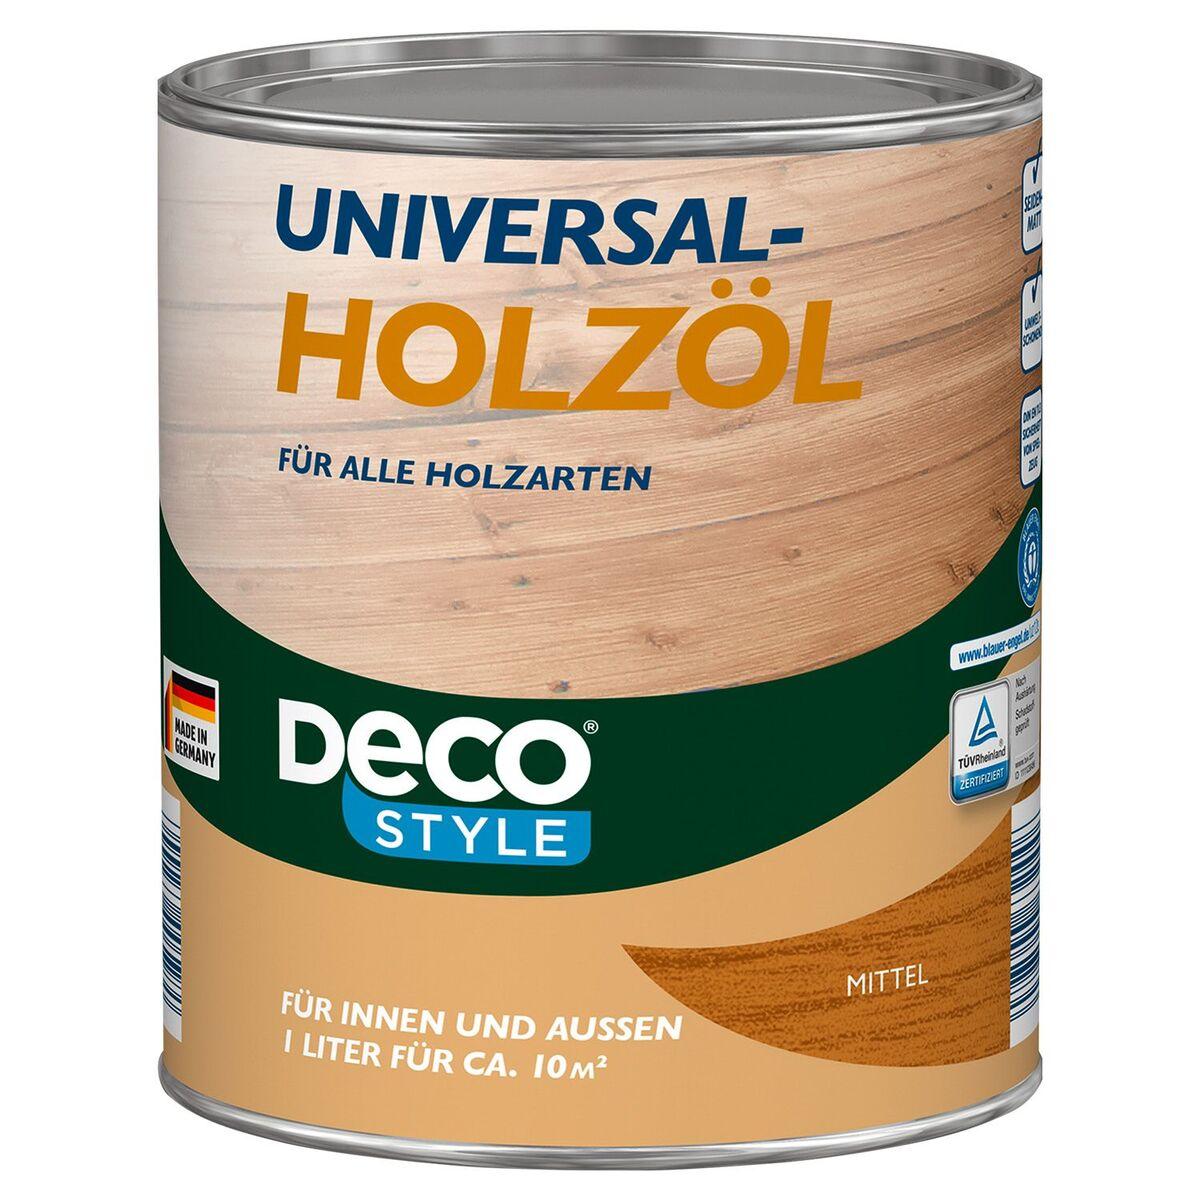 Bild 2 von DECO STYLE®  Universal-Holzöl 1 l